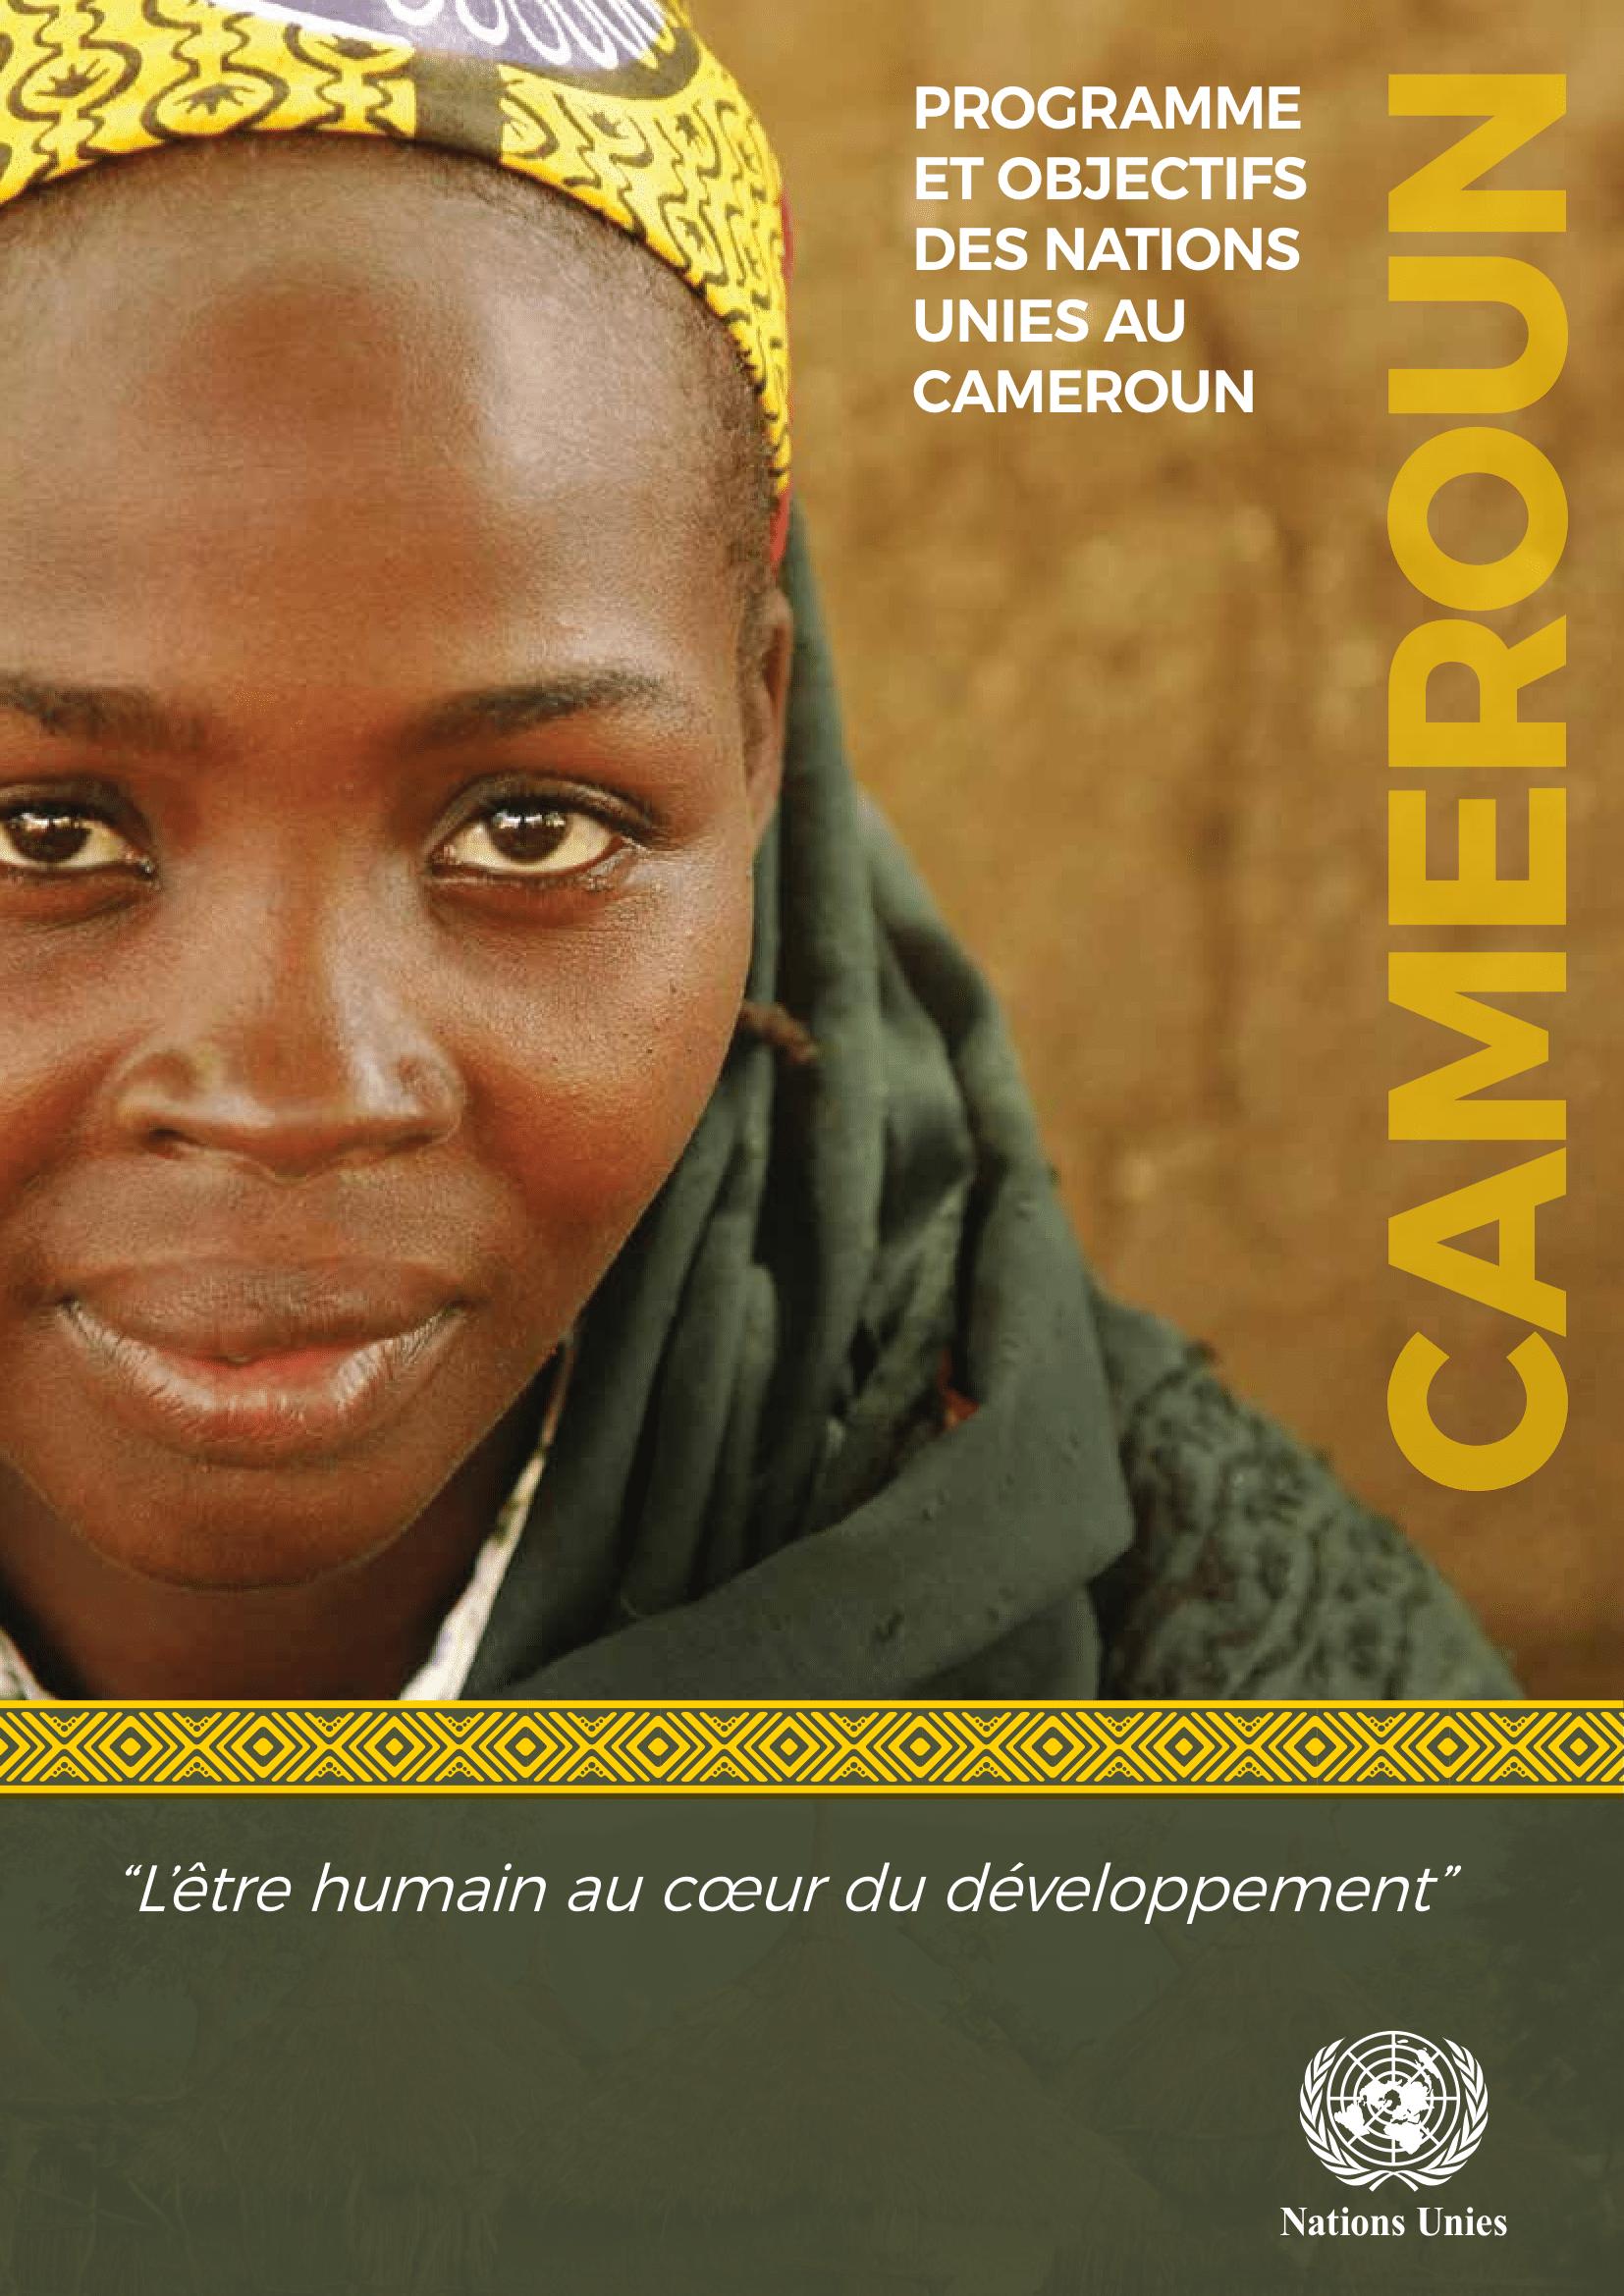 Rapport-ONU-Cameroun-2018